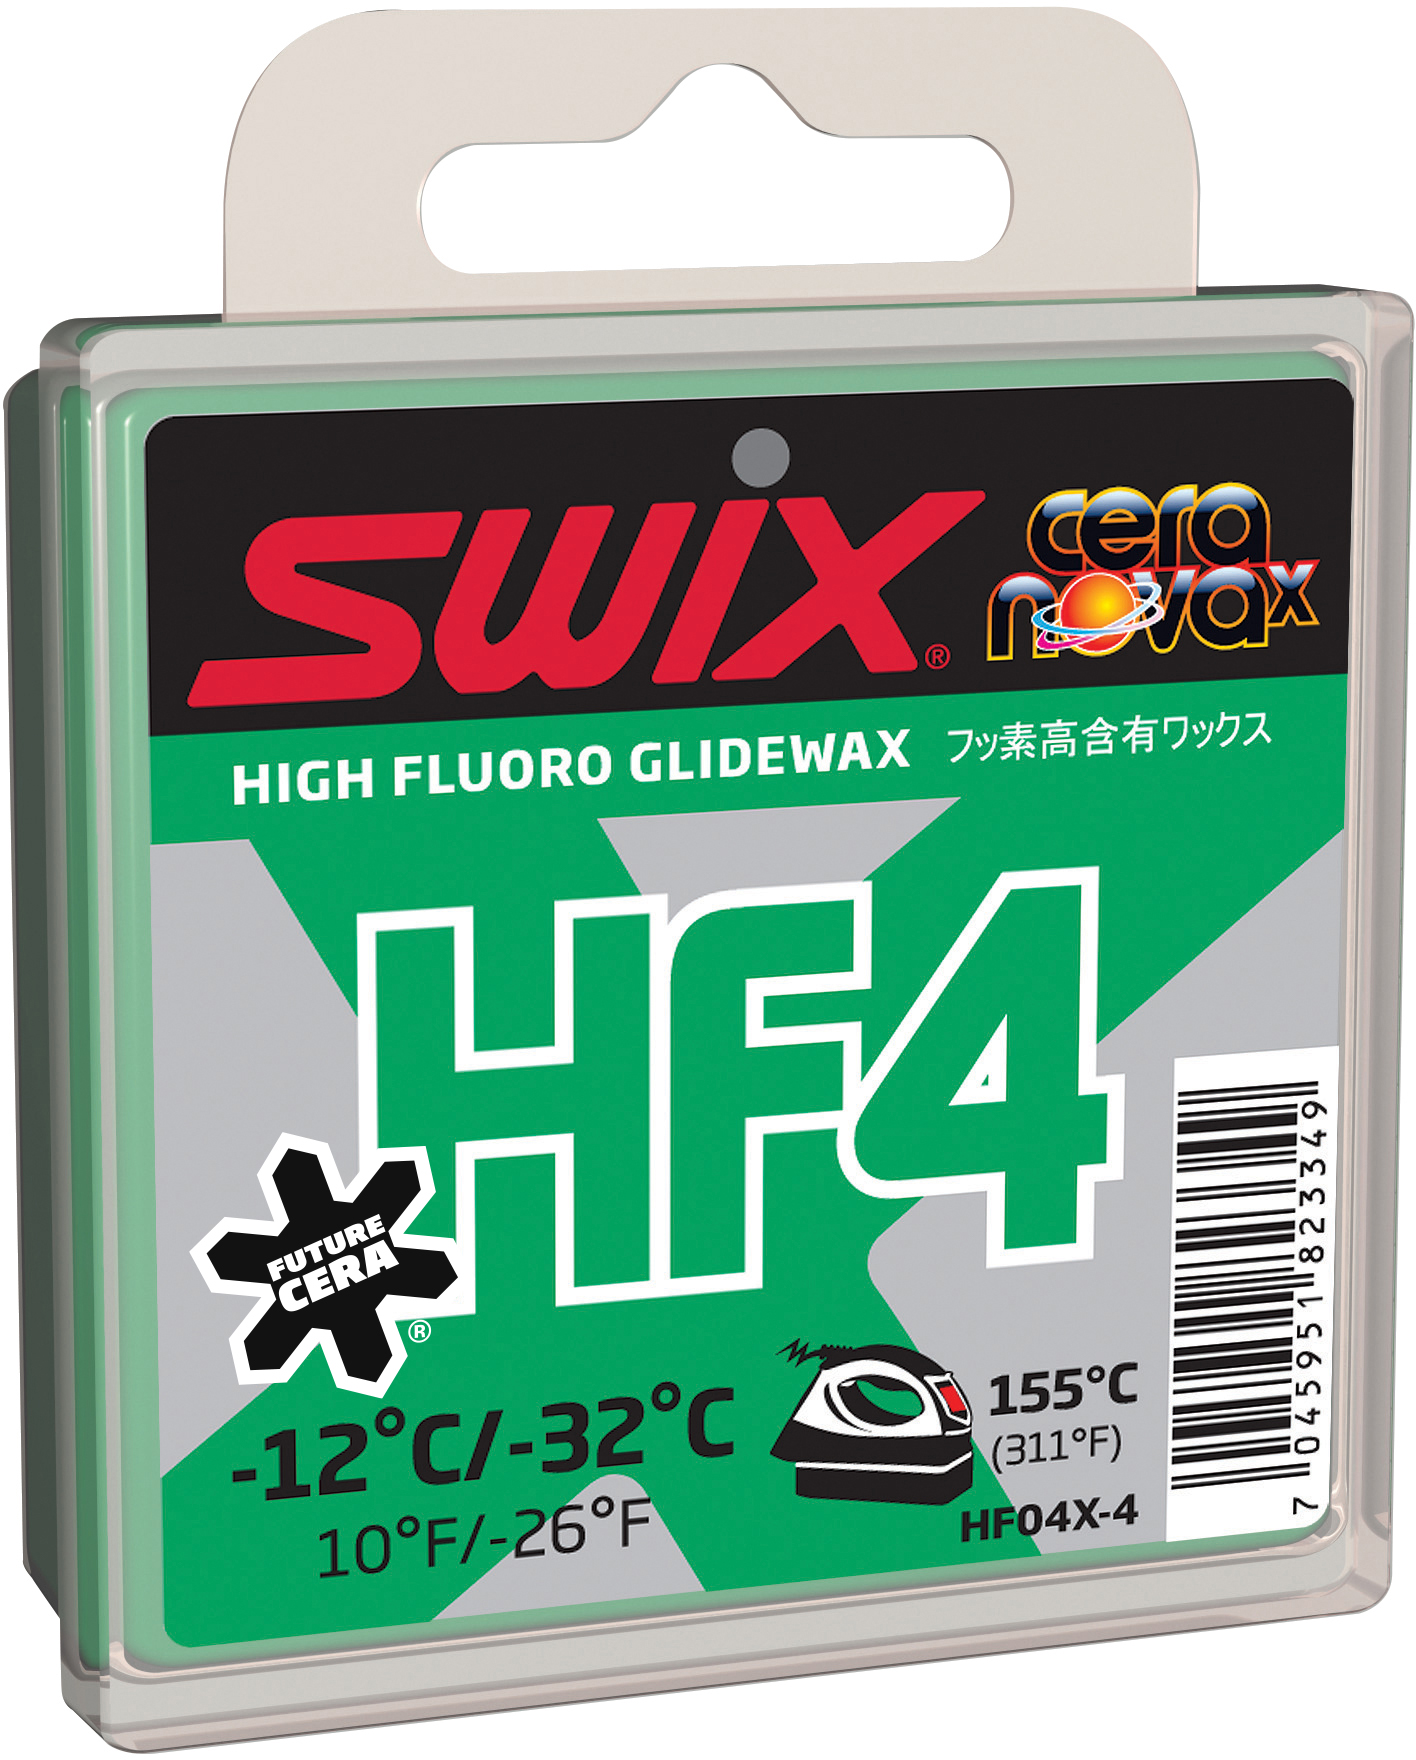 Swix Мазь скольжения HF4X, -12C/-32C